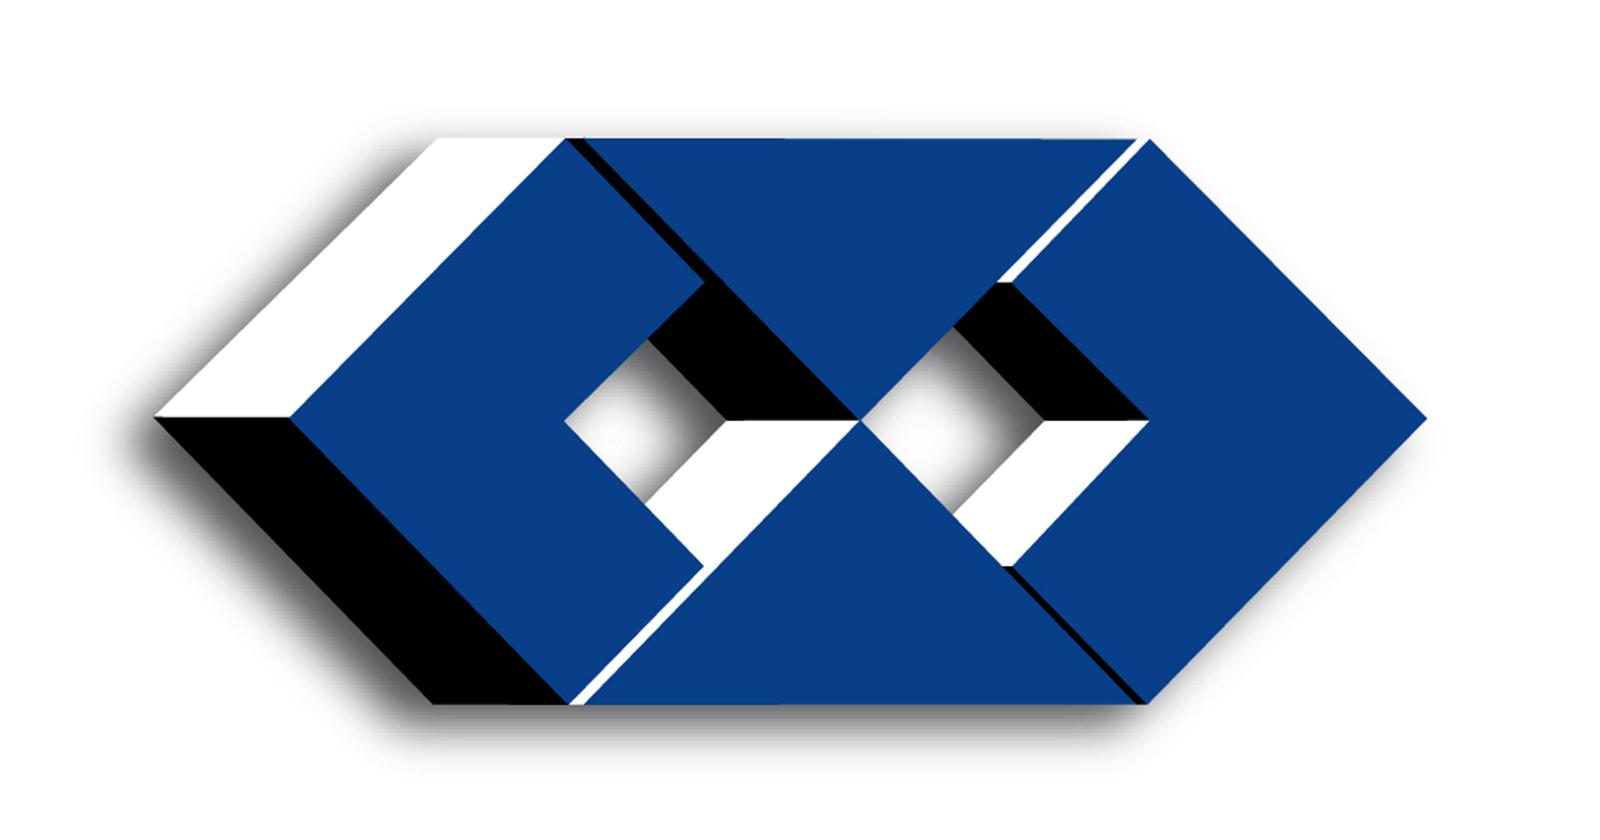 Símbolo da Administração 3D